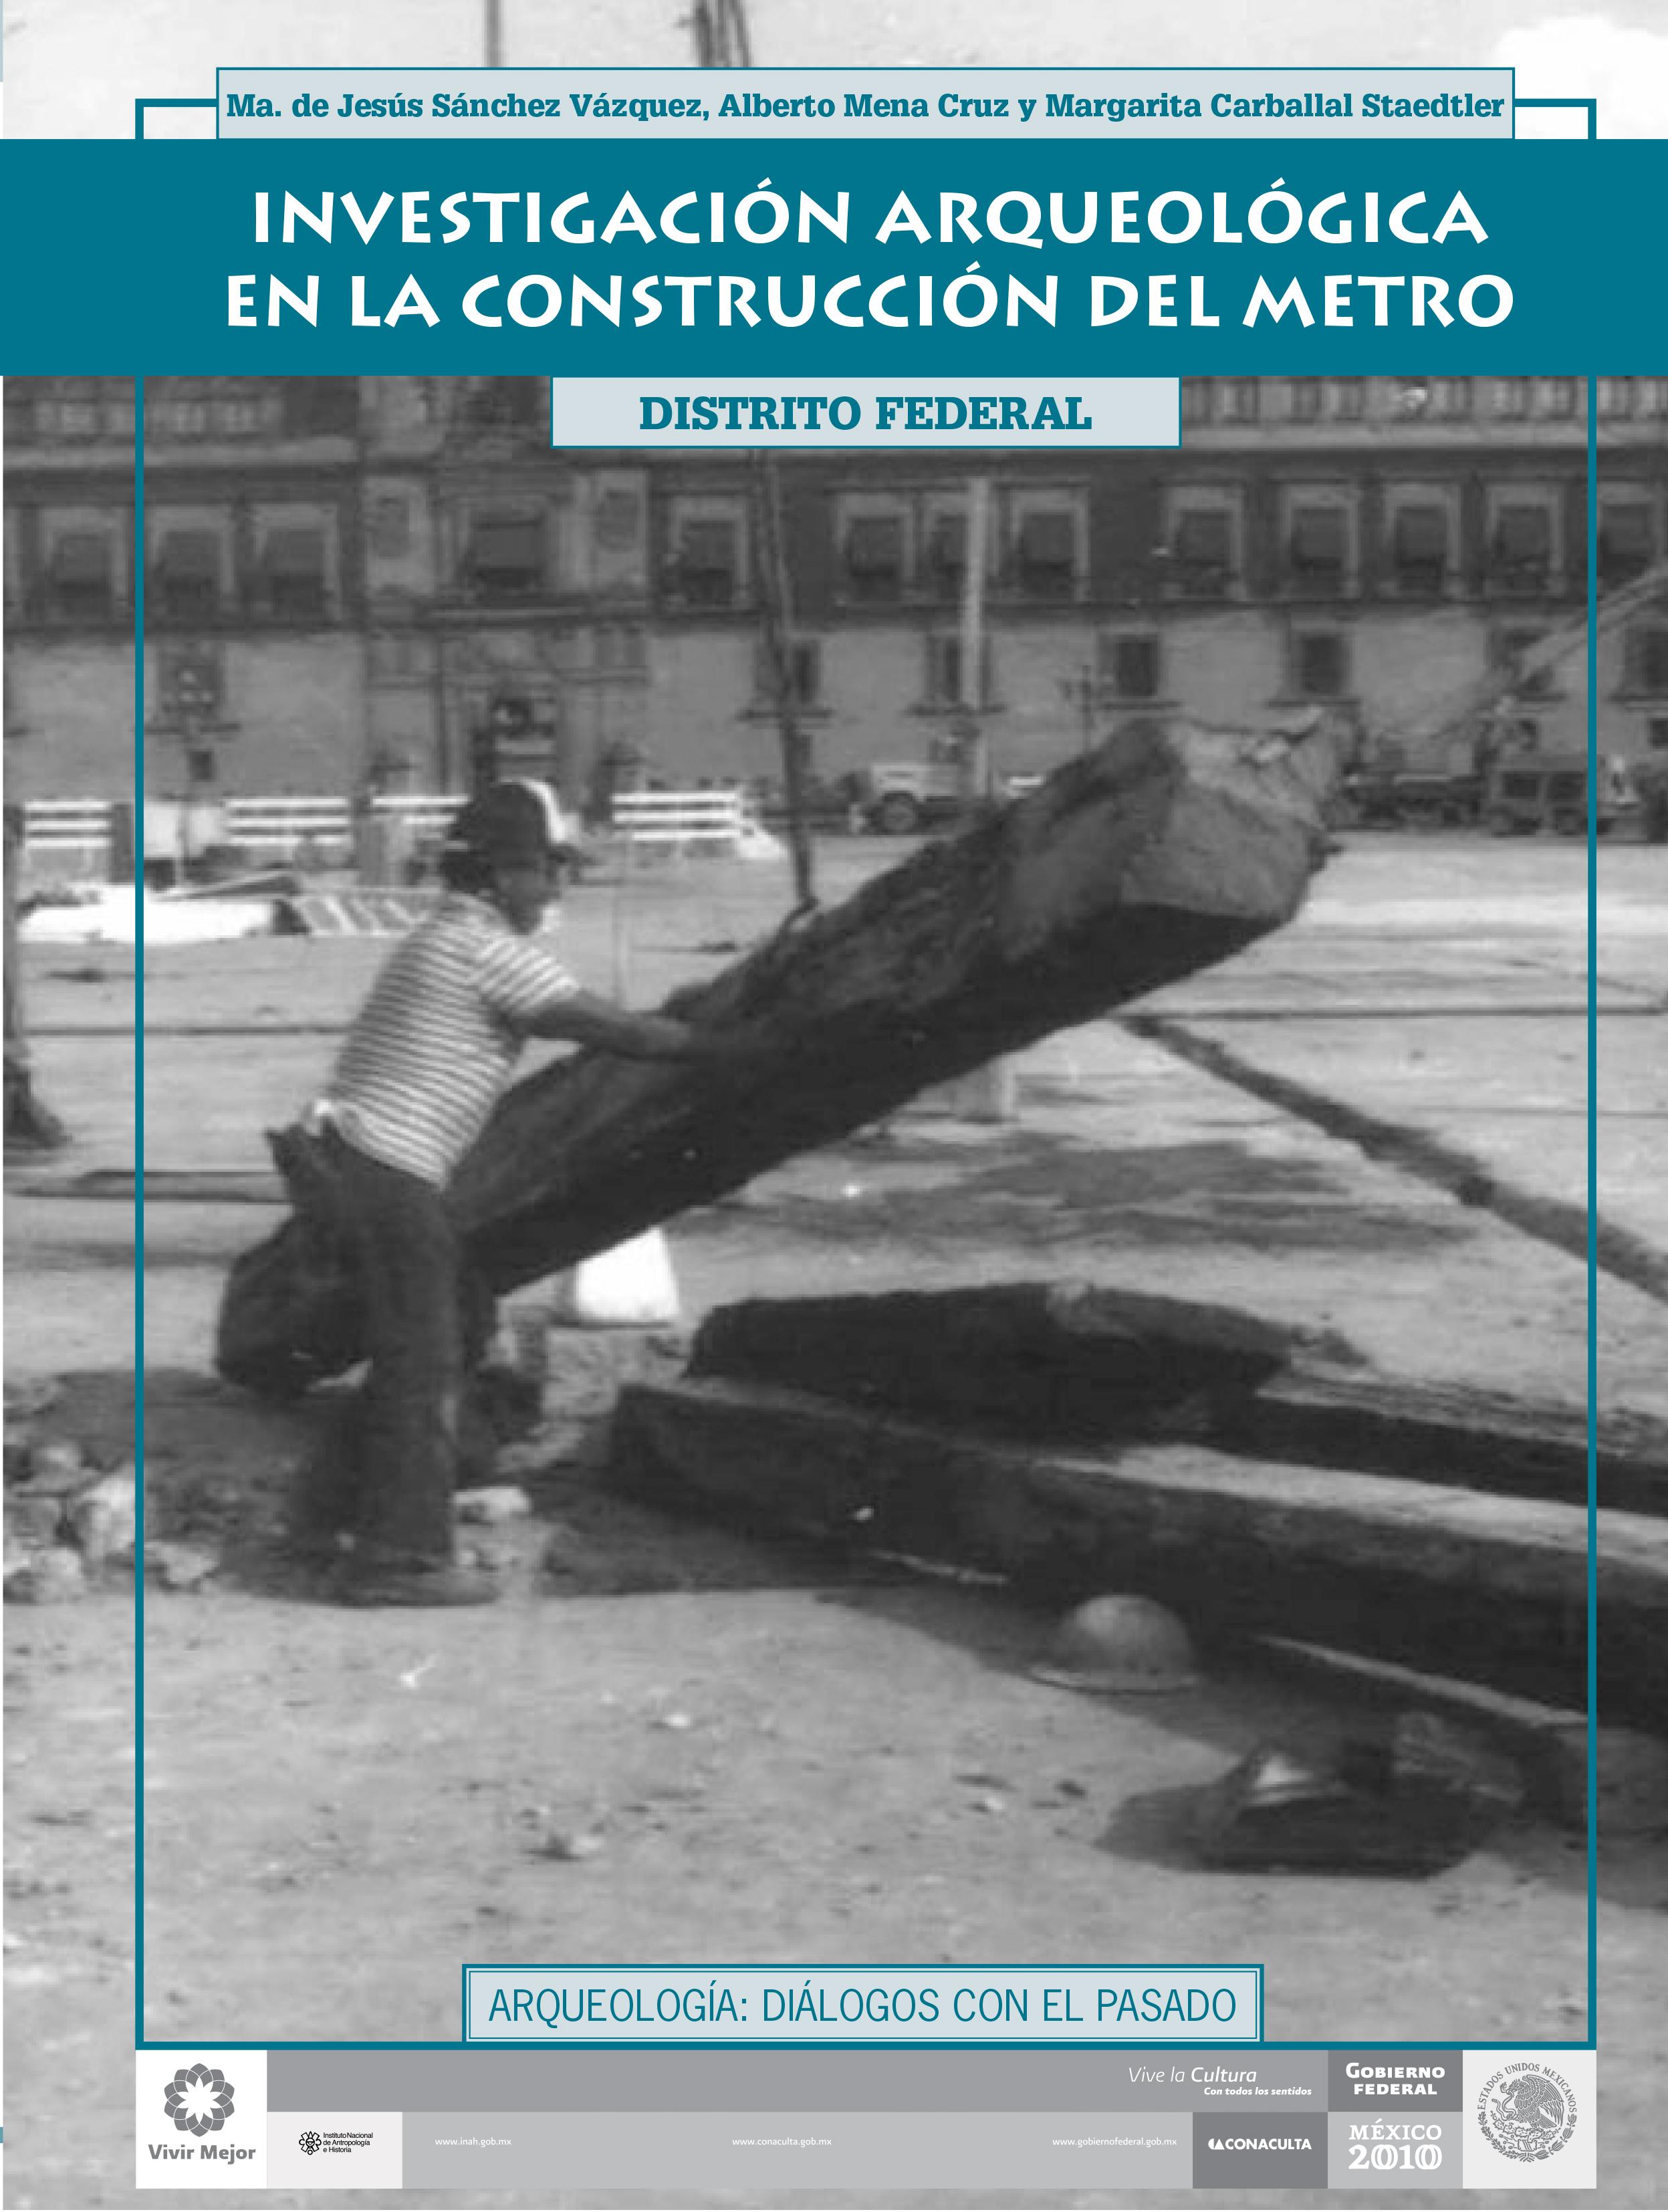 Investigación arqueológica en la construcción del Metro